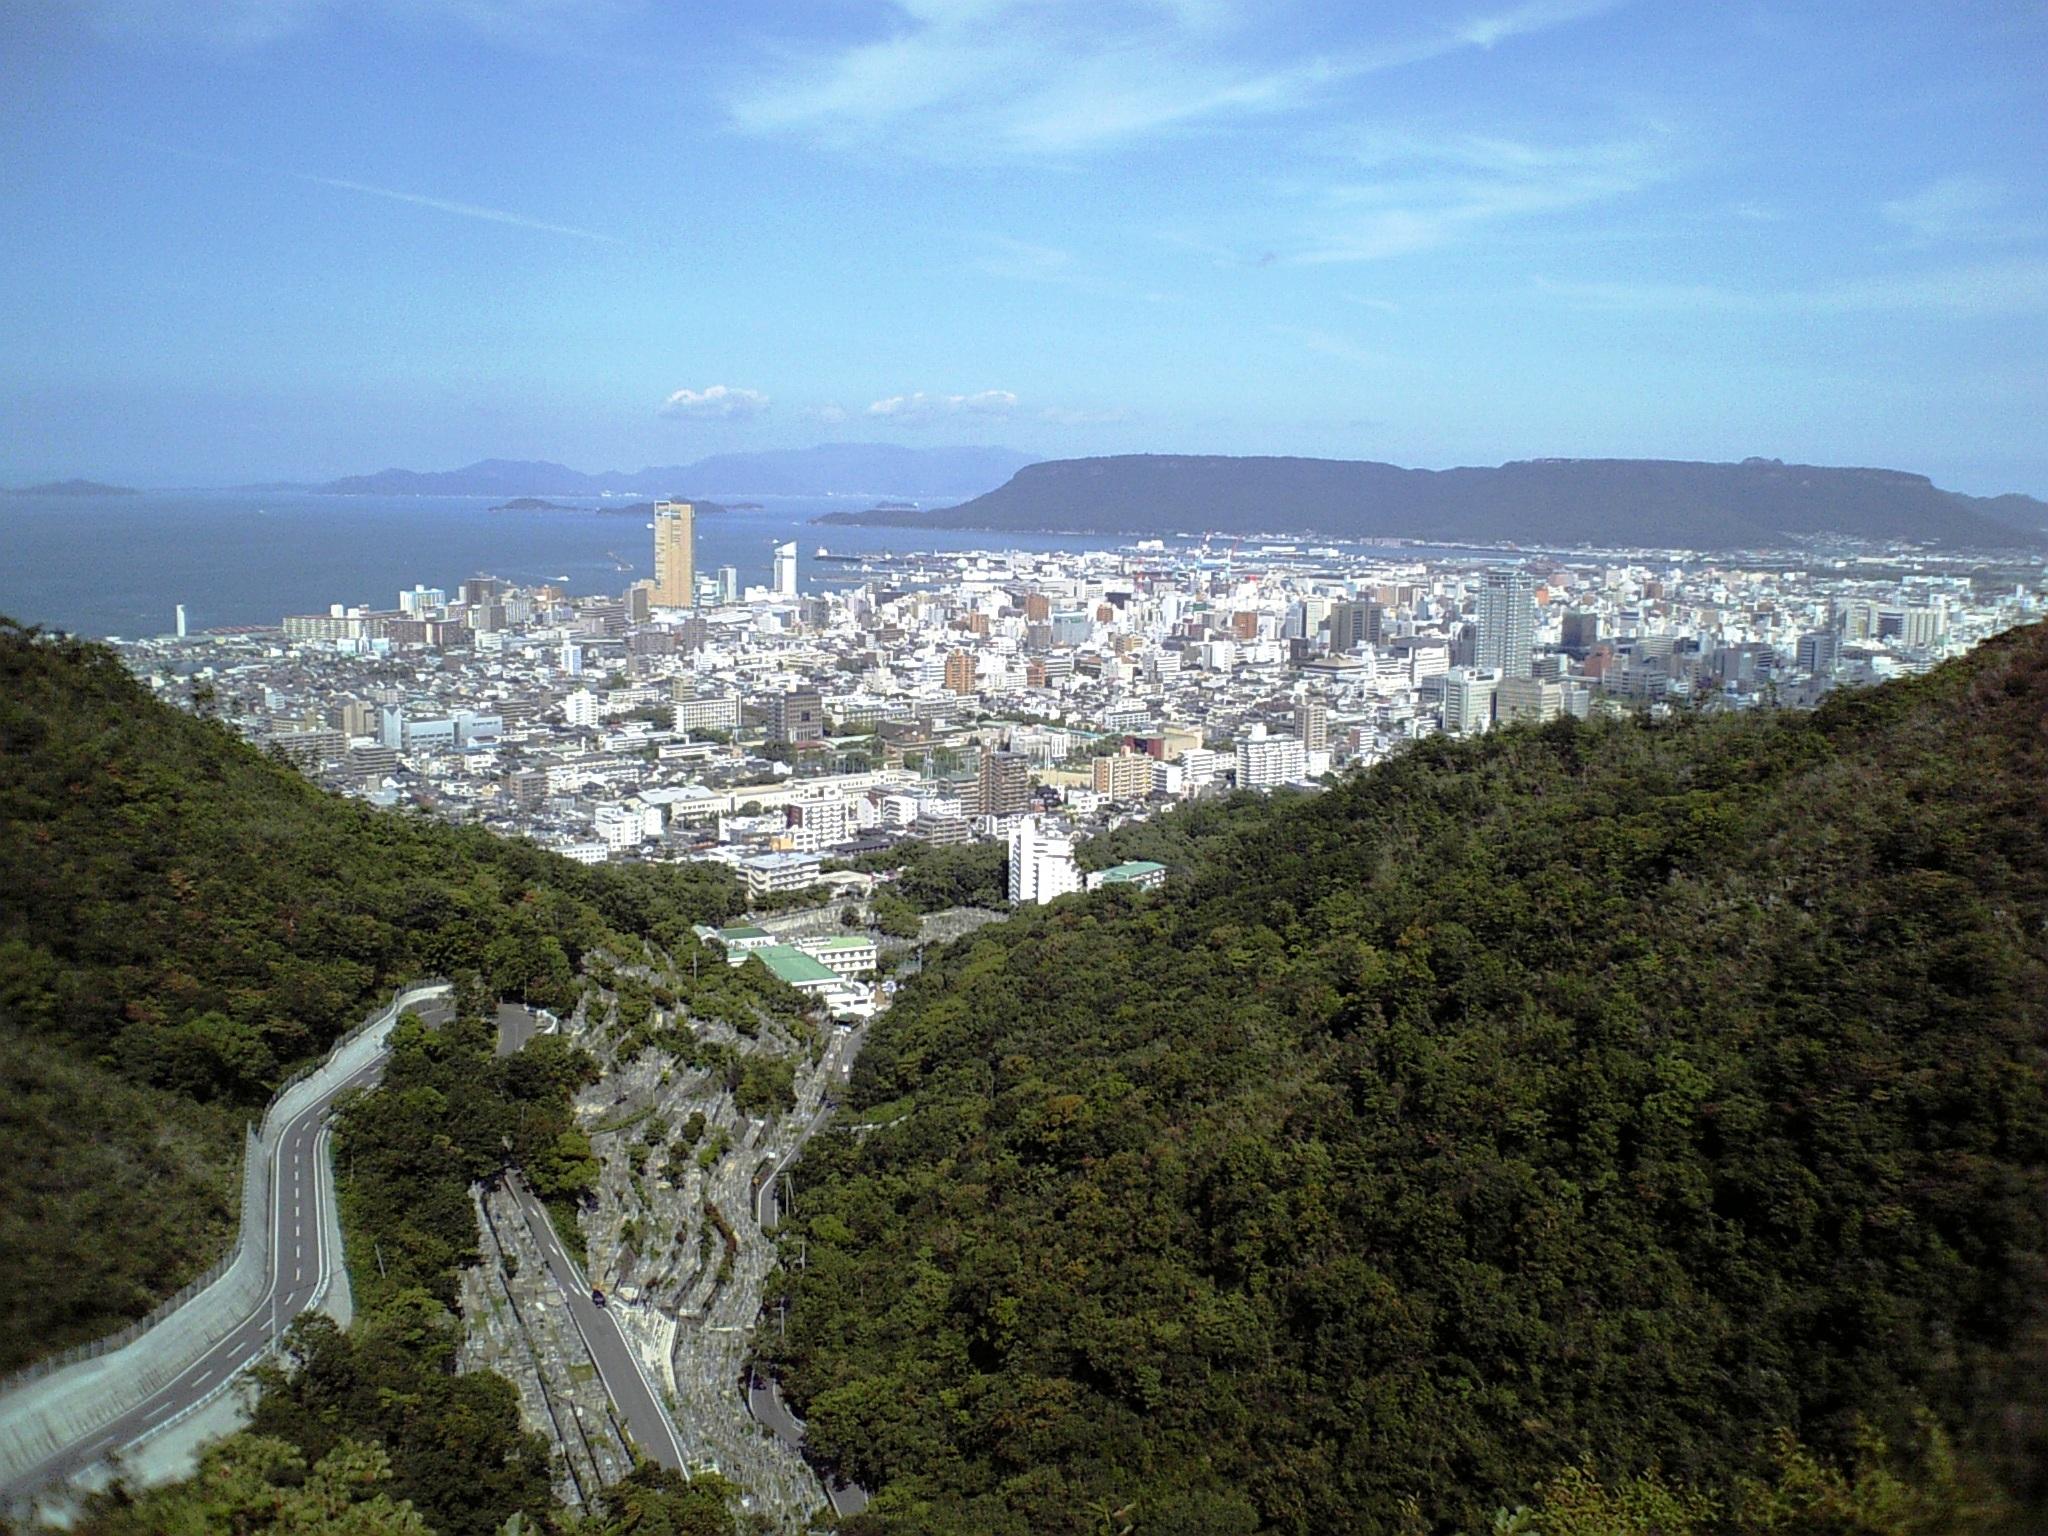 Takamatsu Japan  city images : Takamatsu from Mineyama Wikimedia Commons